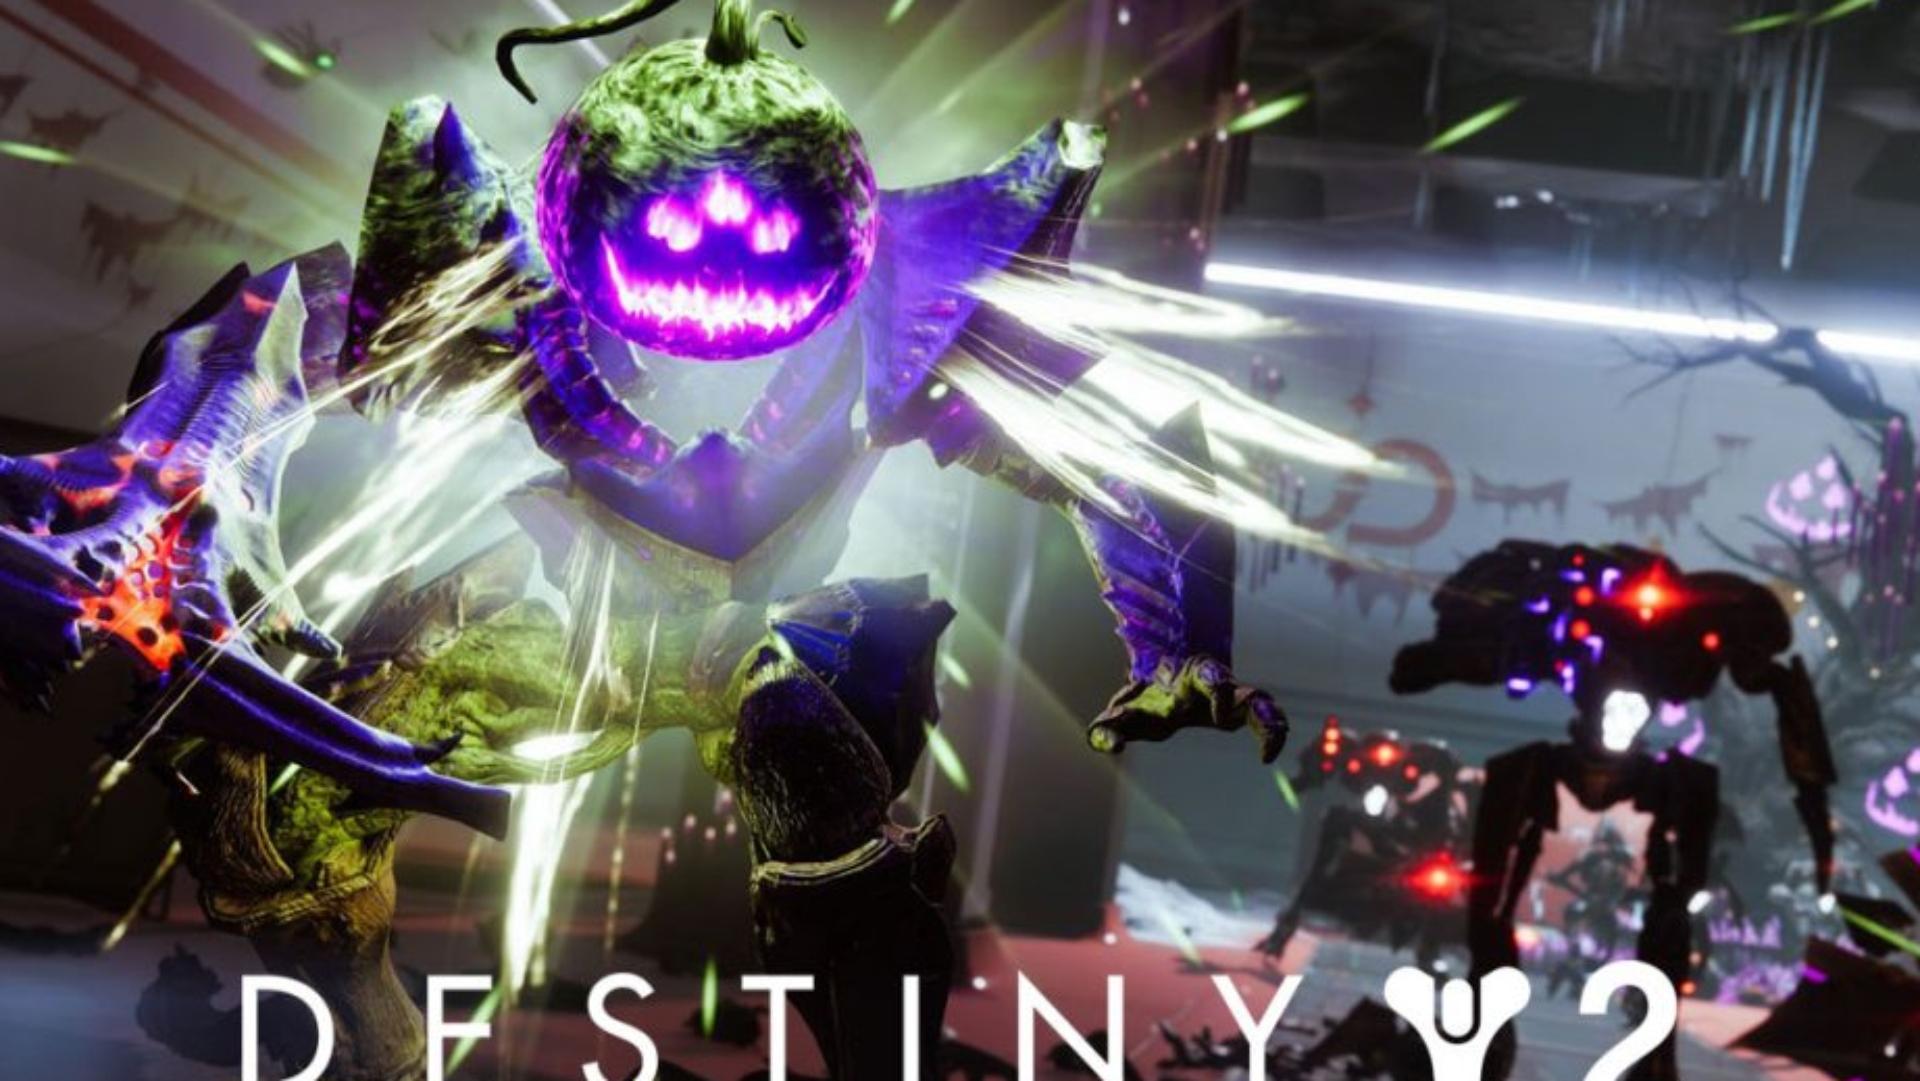 Destiny-2-Haunted-Lost-Sectors-GamersRD (1)